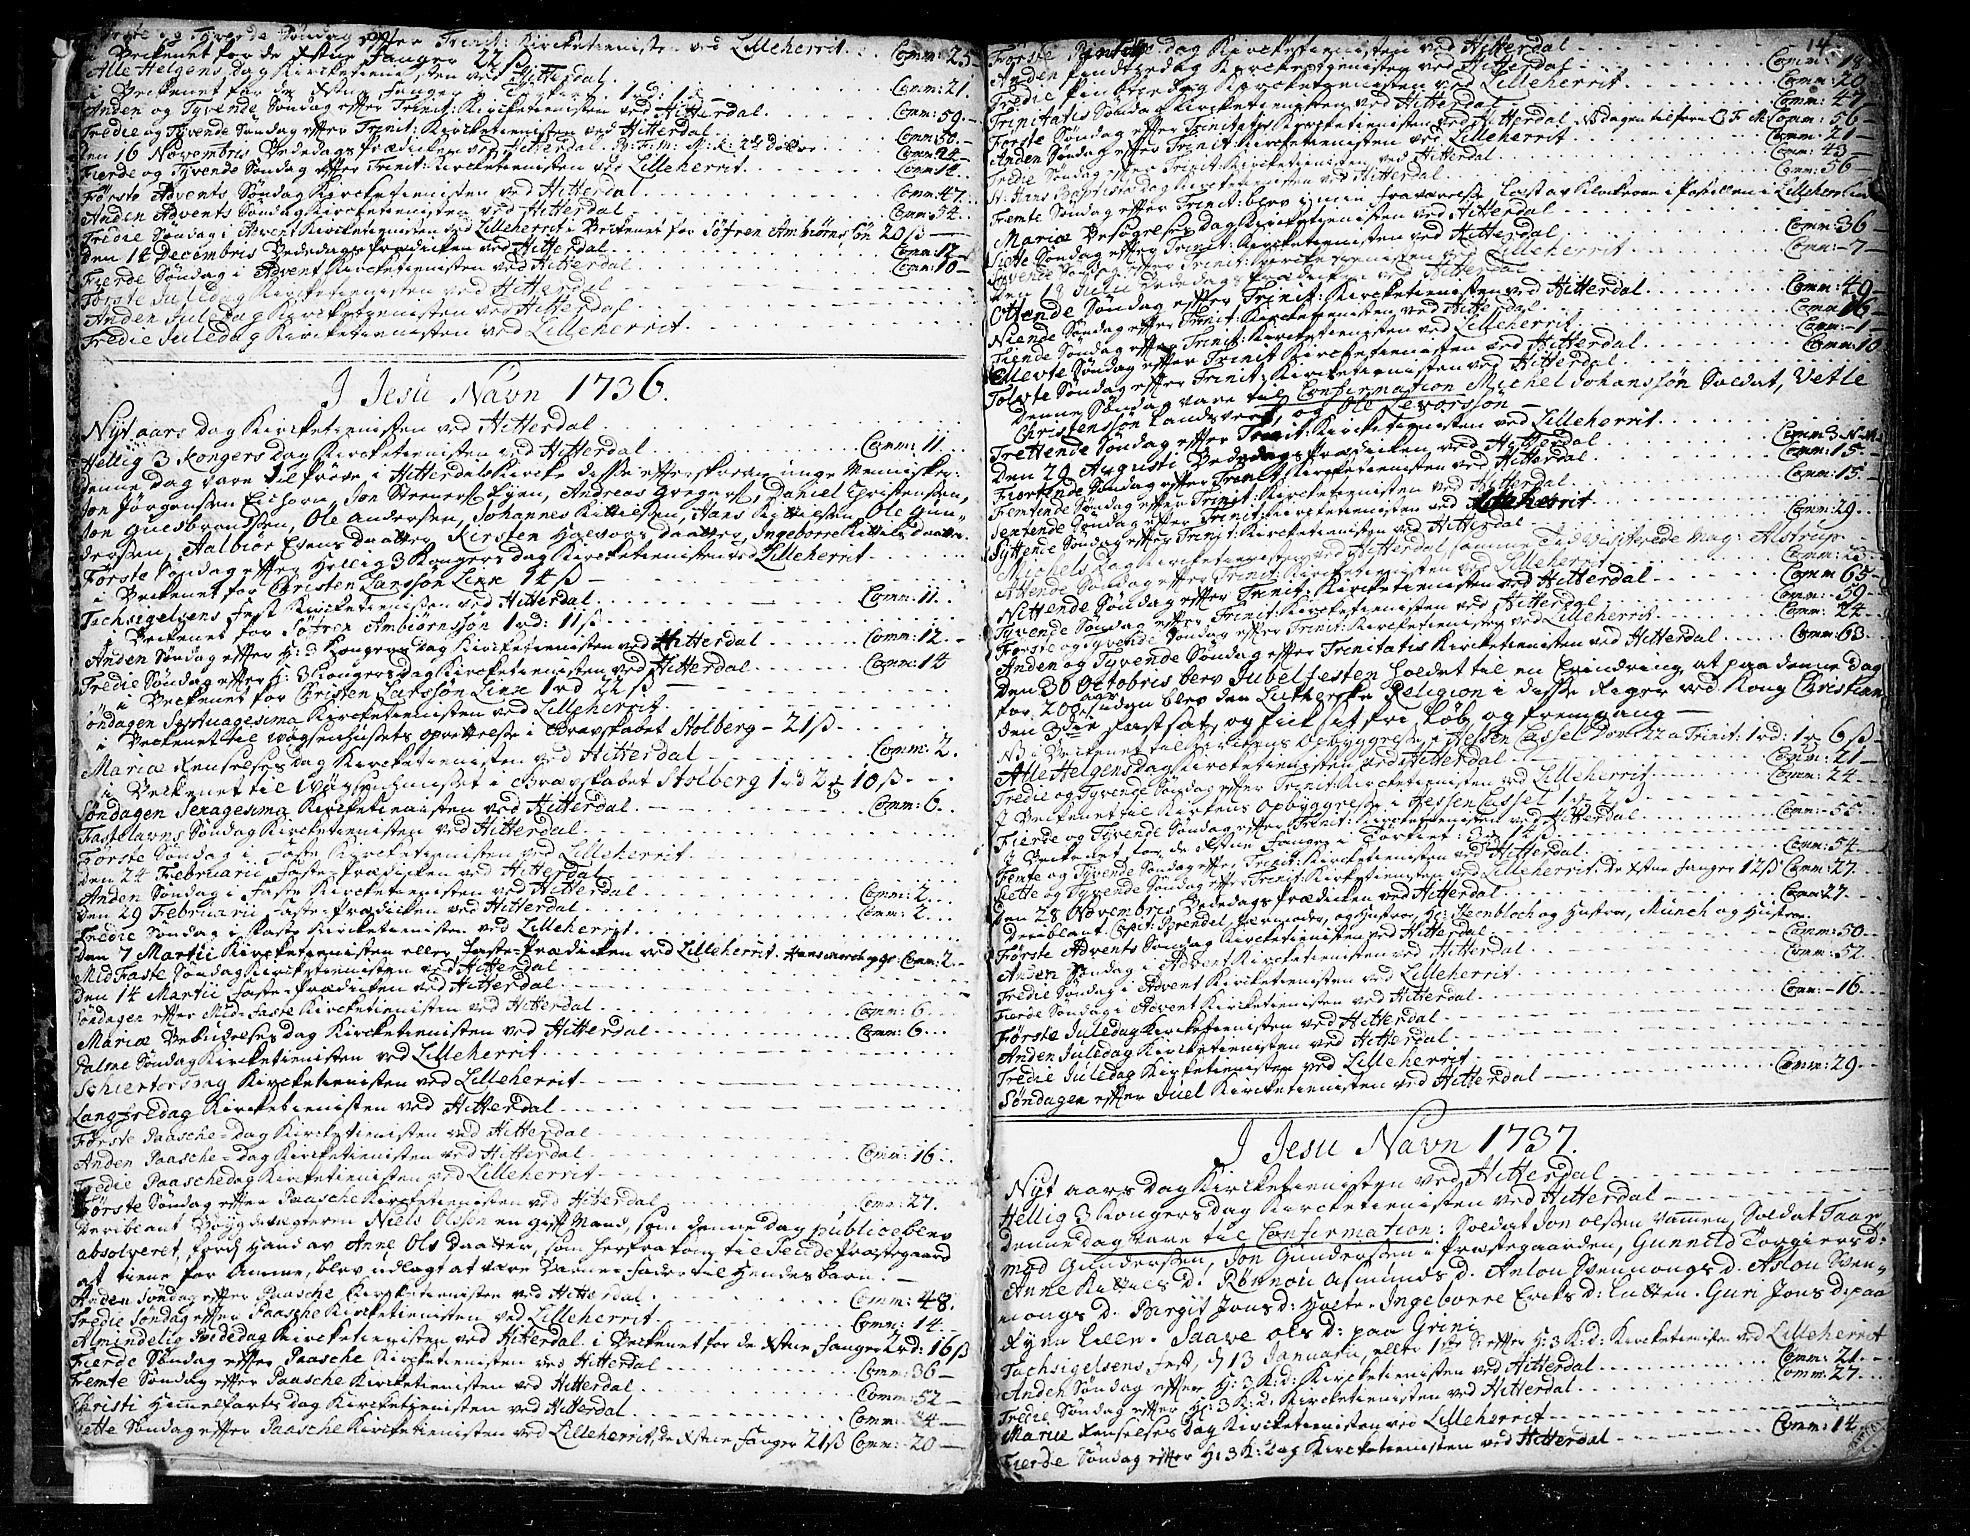 SAKO, Heddal kirkebøker, F/Fa/L0003: Ministerialbok nr. I 3, 1723-1783, s. 14